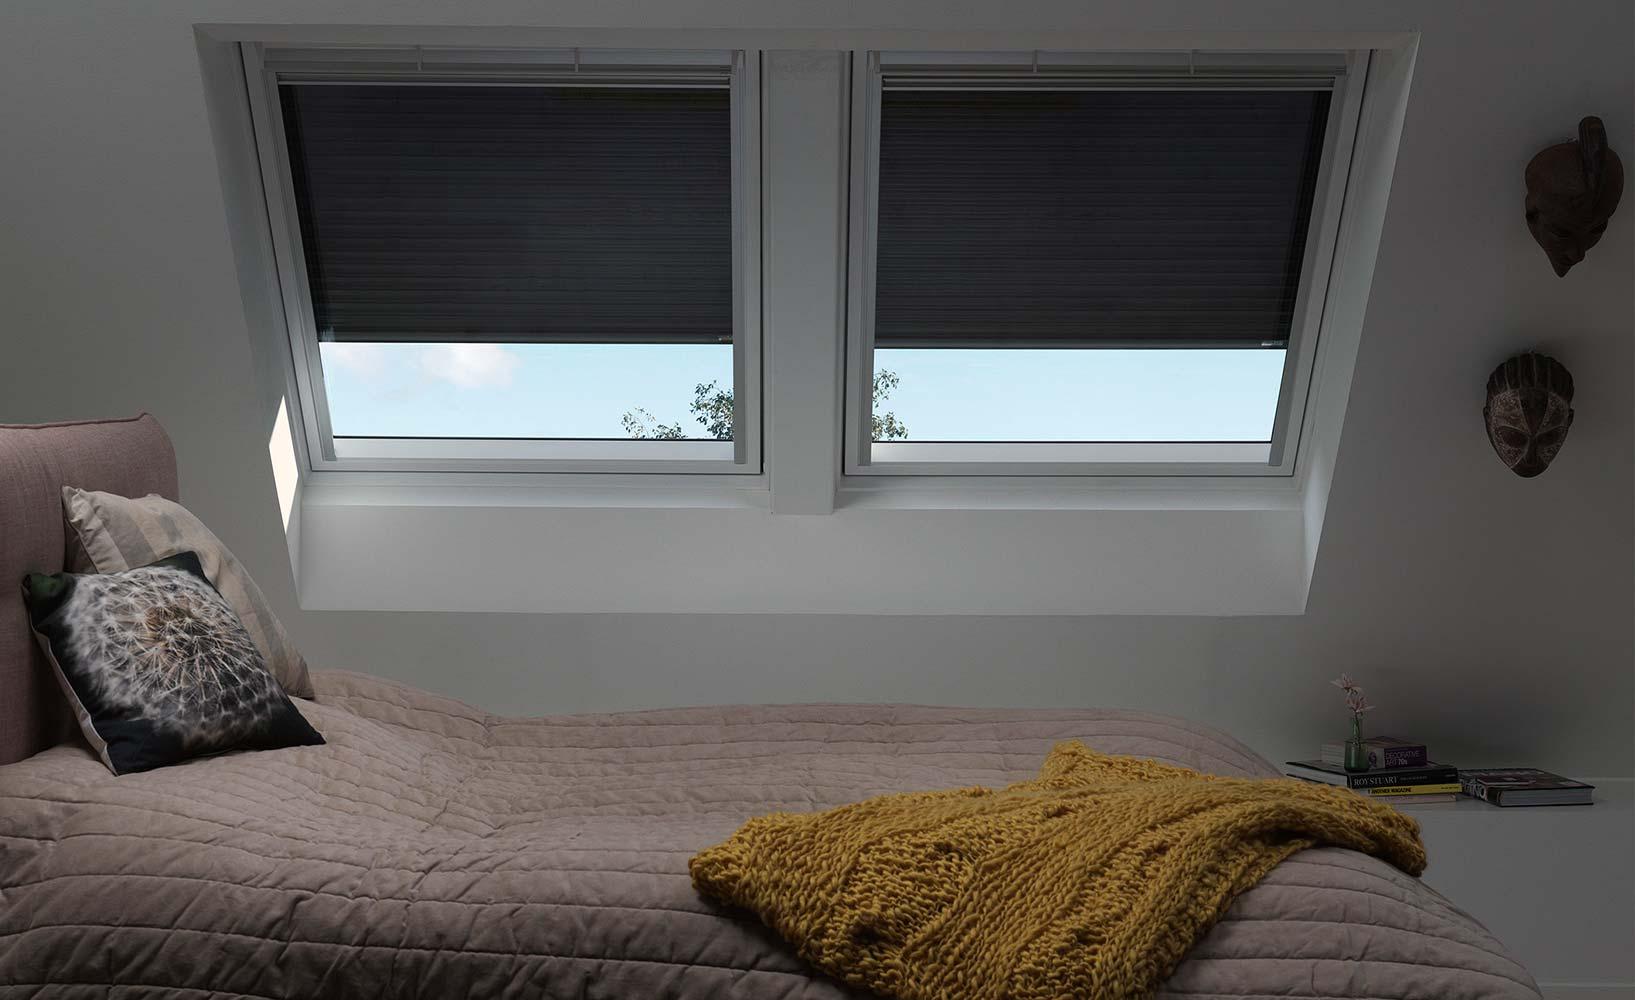 fenster k che unterlicht k che wandfliesen wei plexiglas spritzschutz nischenwandverkleidung. Black Bedroom Furniture Sets. Home Design Ideas